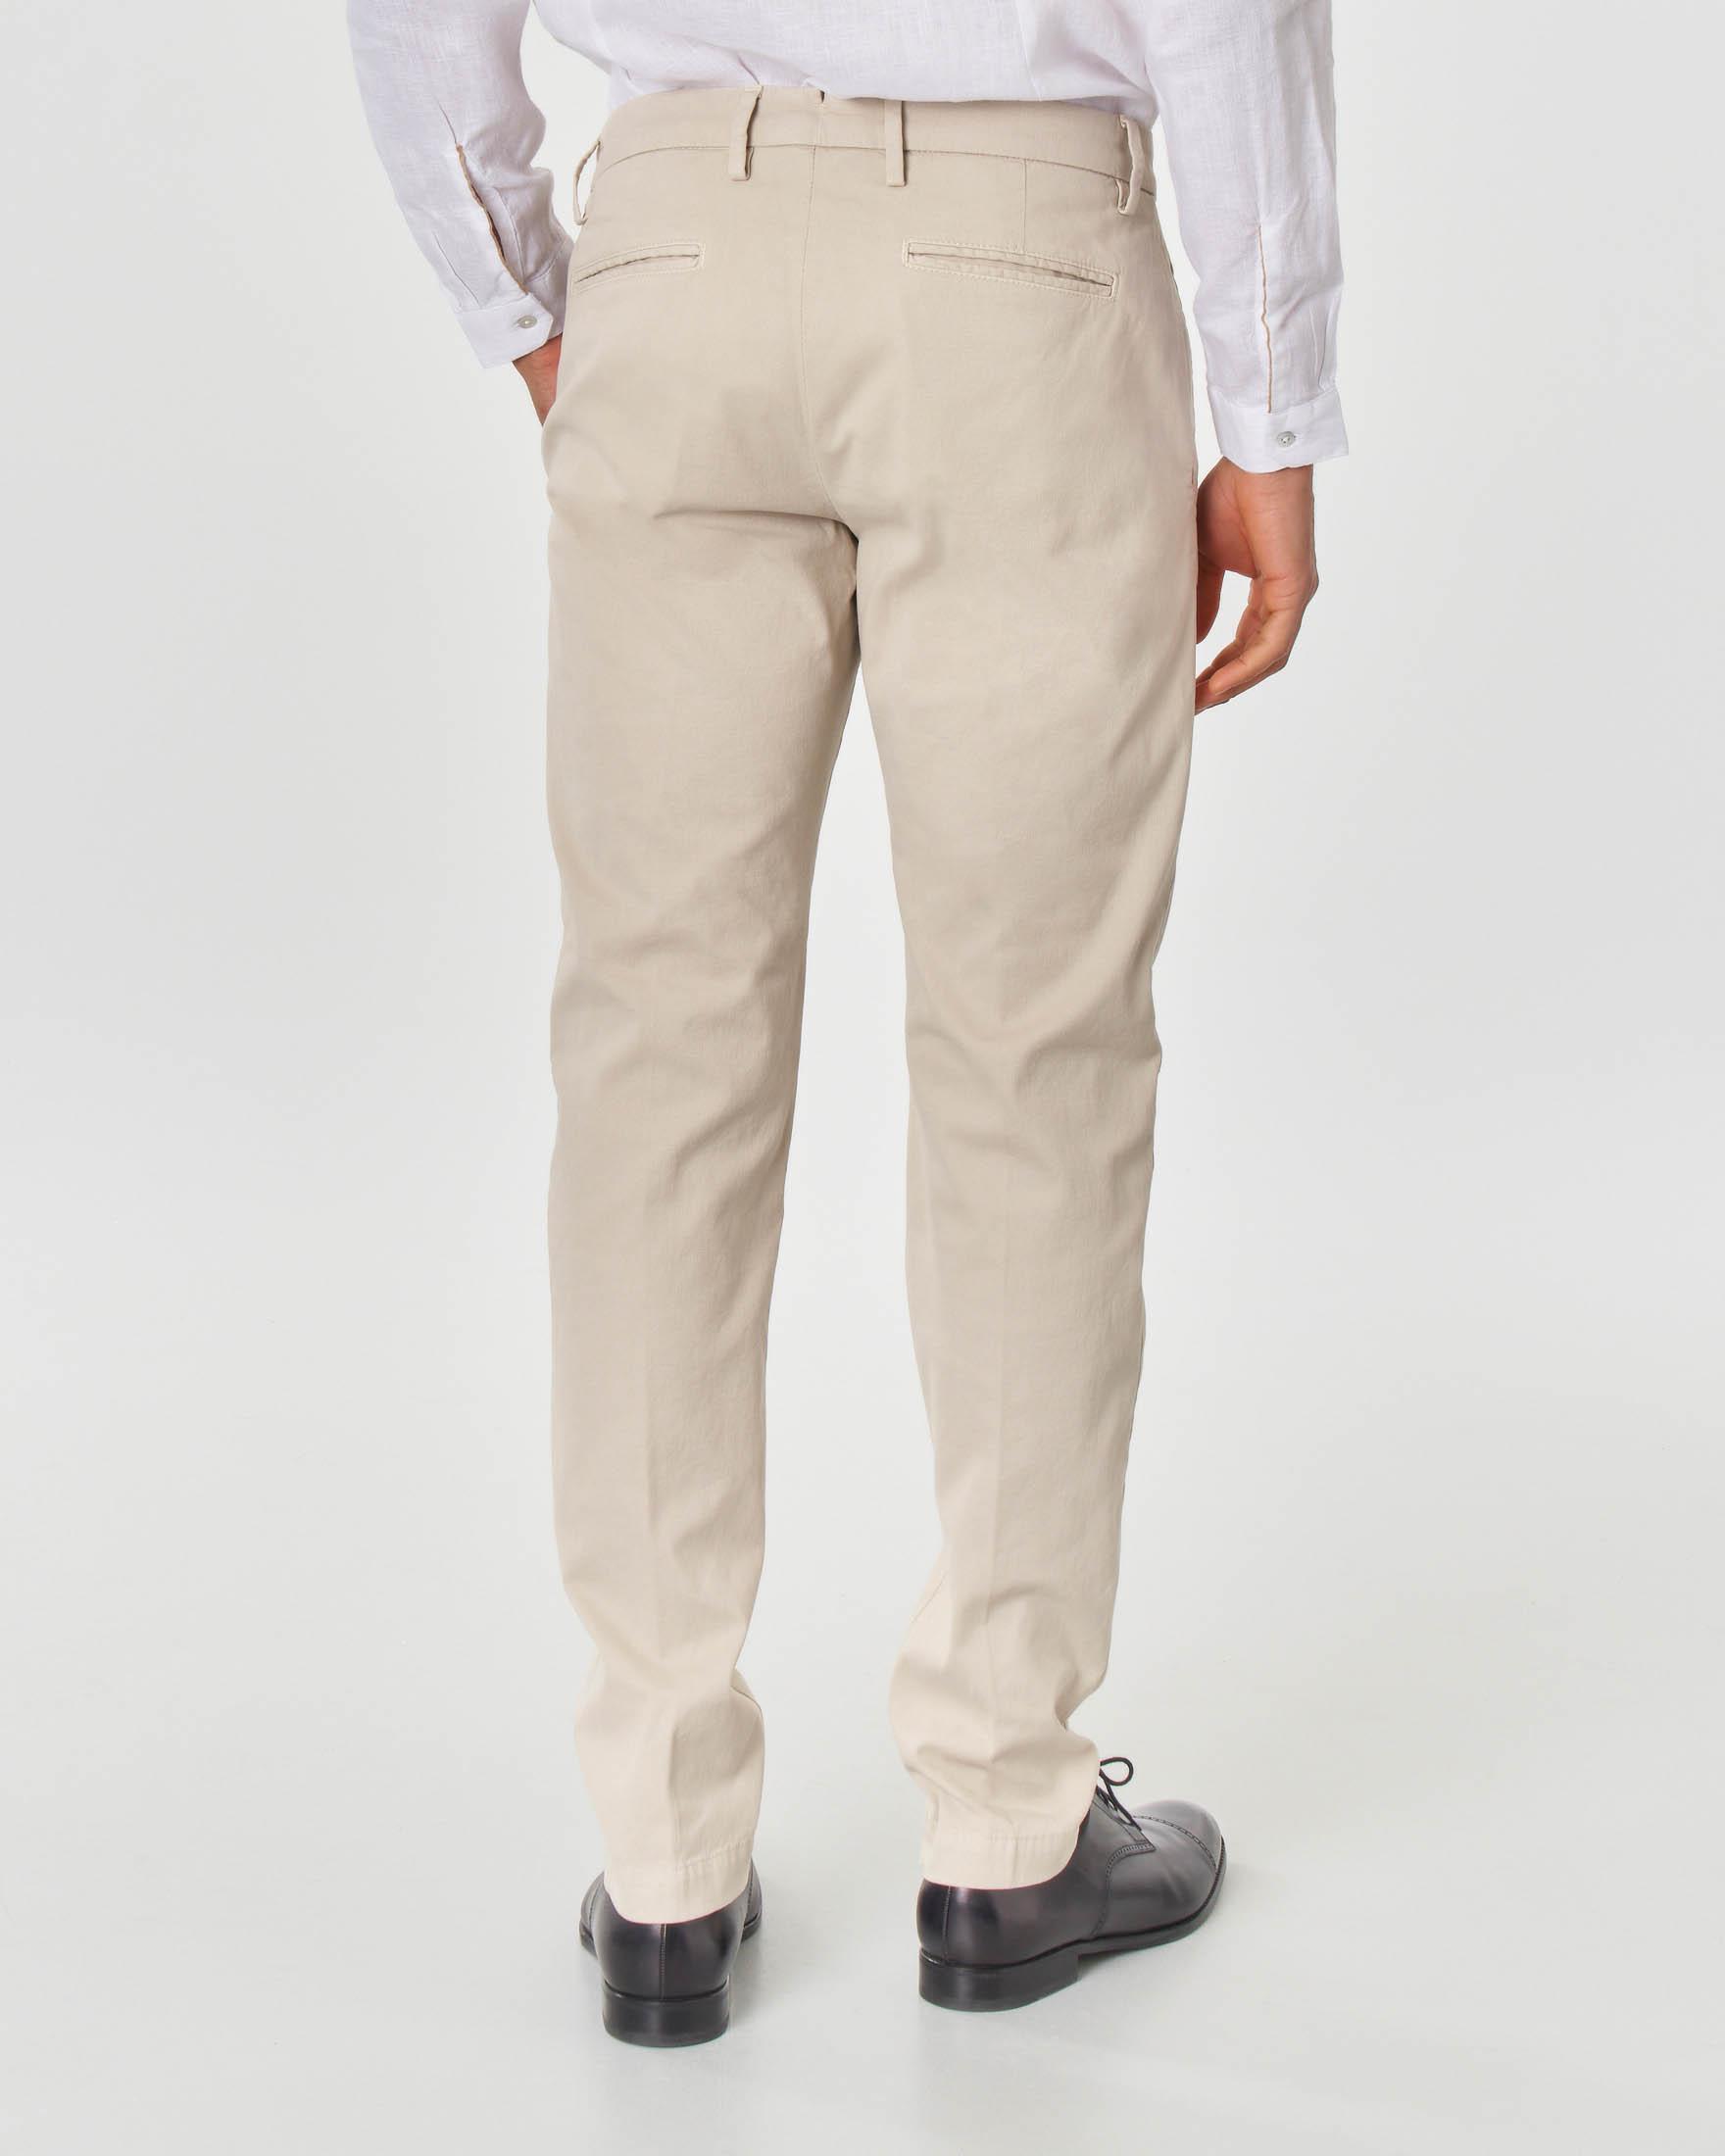 Pantalone chino beige in cotone stretch micro-armatura con una pinces